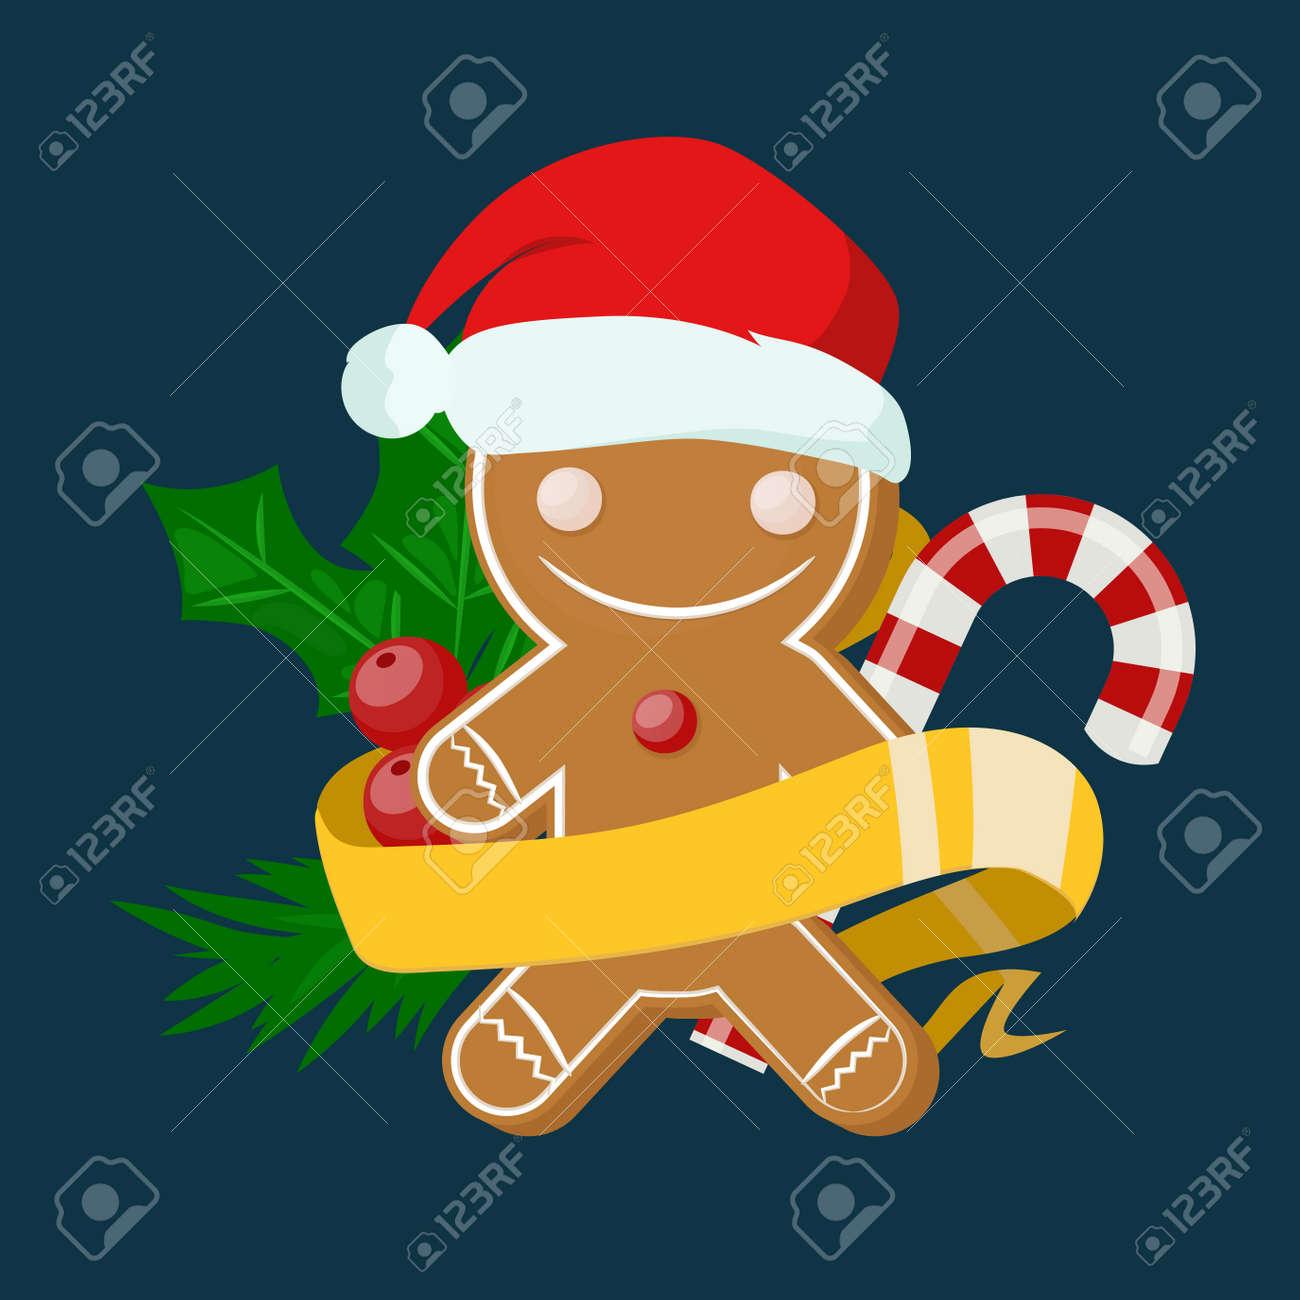 Weihnachten Susse Kuchen Junge In Santa Roten Hut Flaches Design